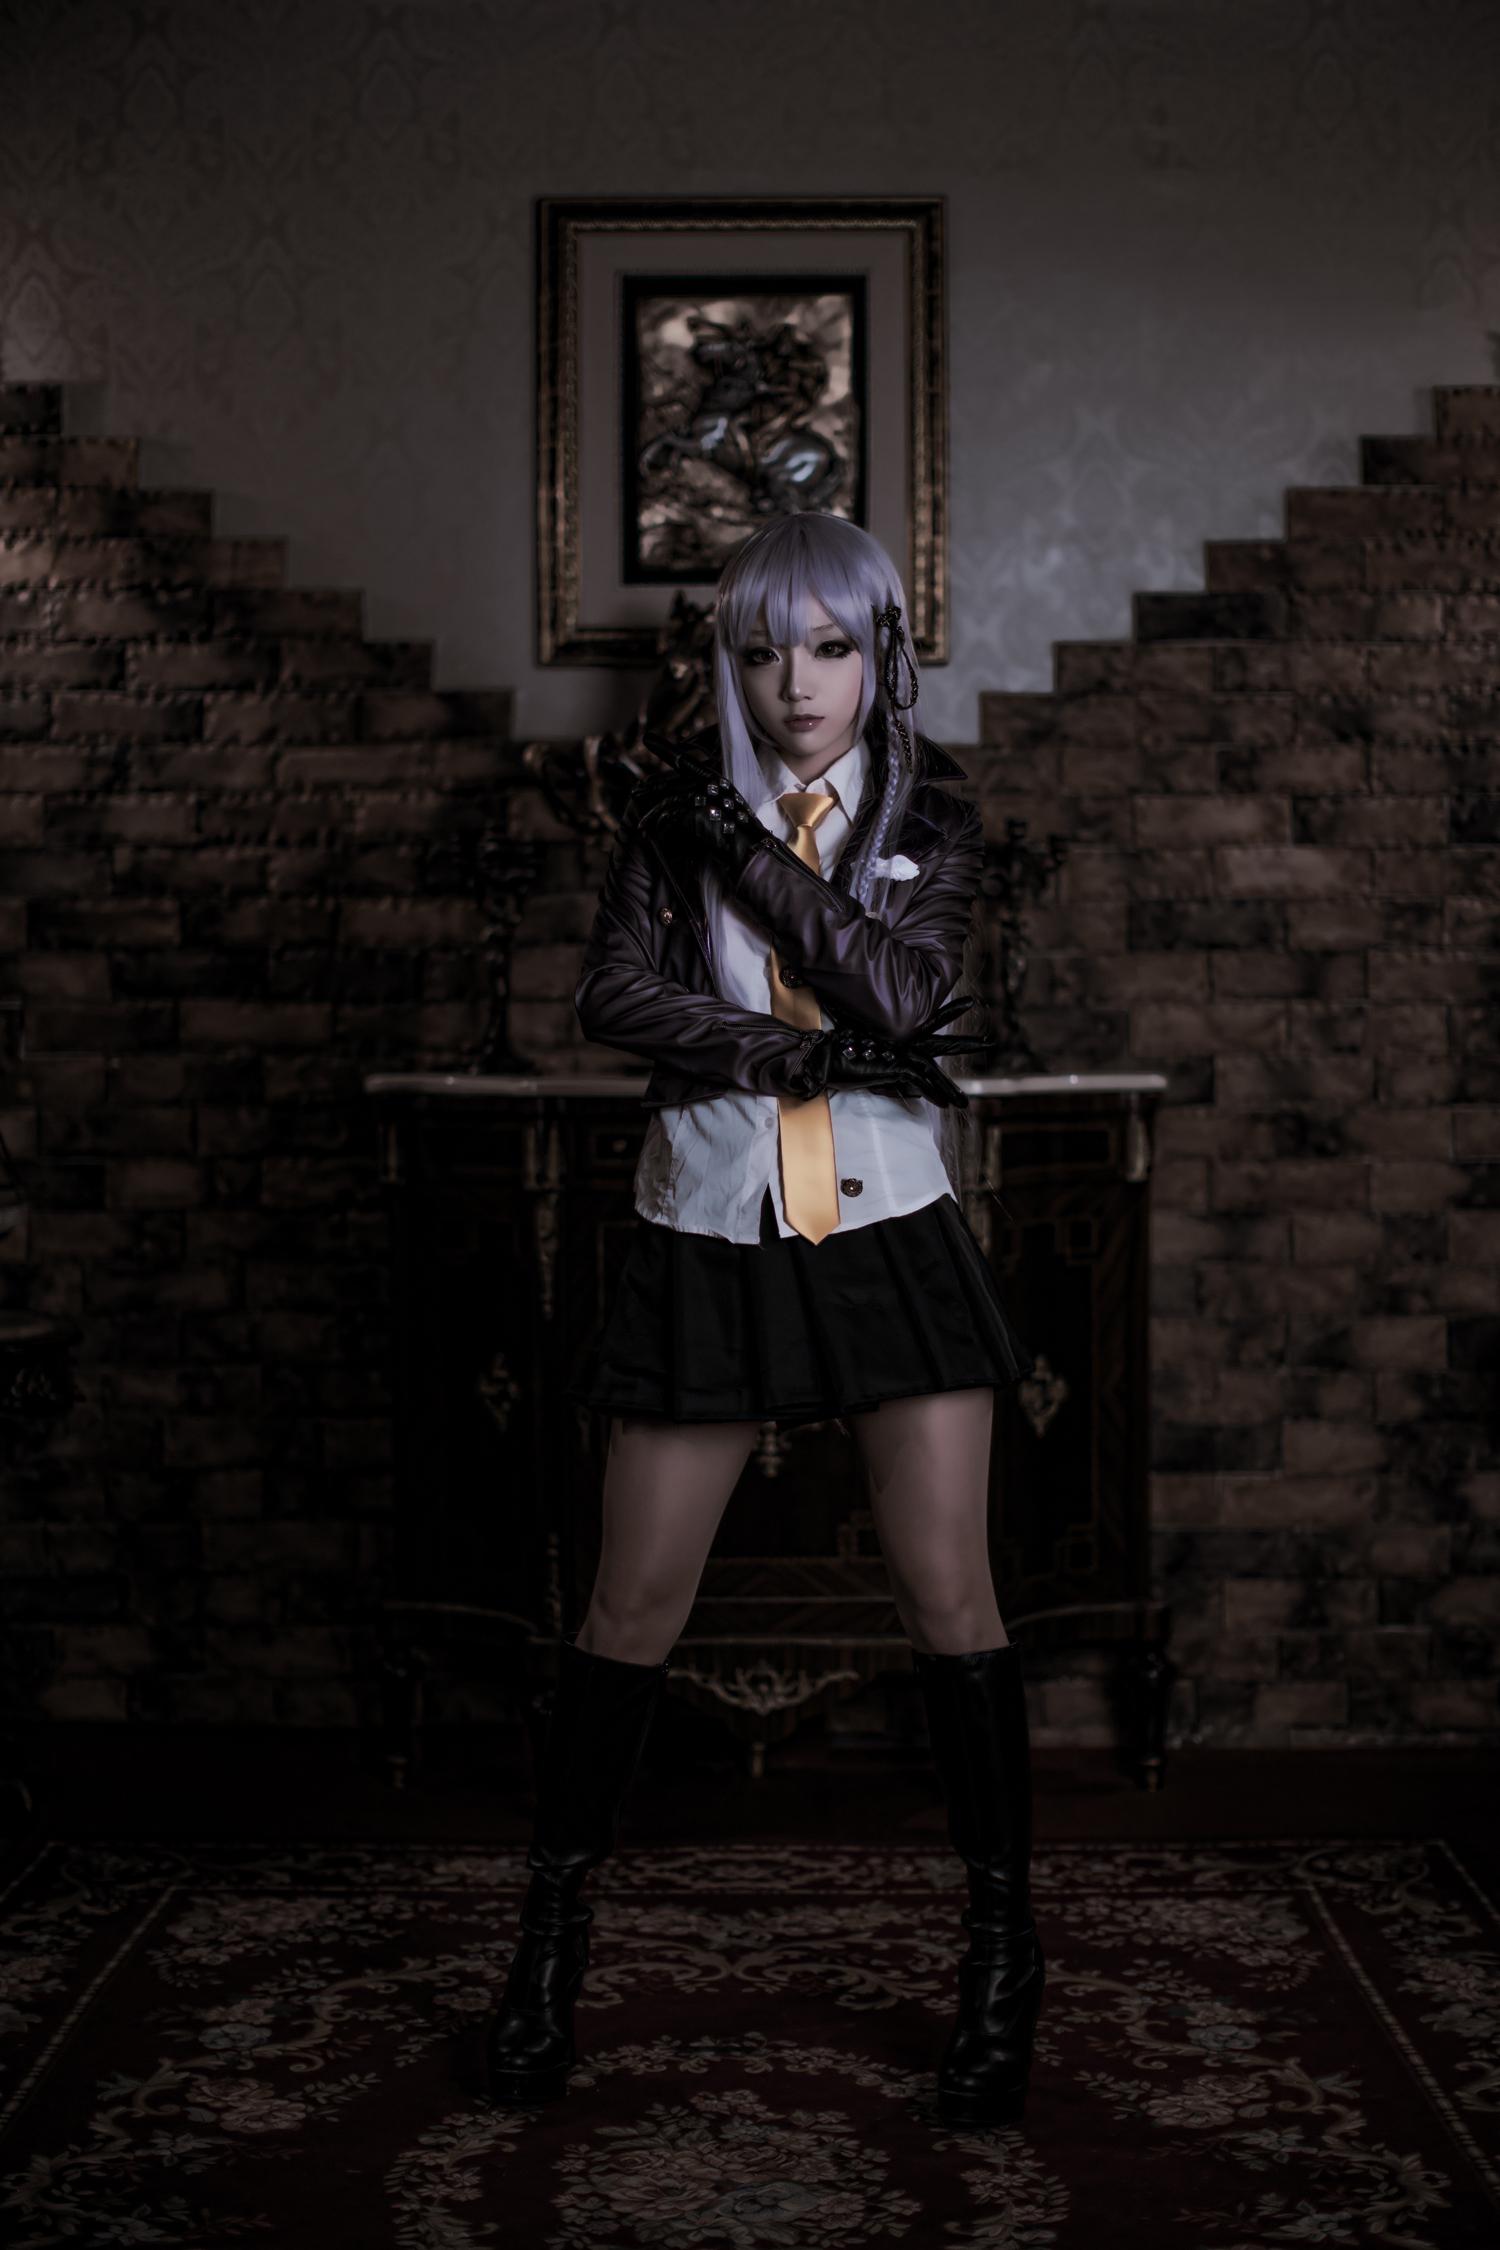 Classy Kyouko Kirigiri Cosplay by Aza Miyuko haruhichan.com Danganronpa Kibou no Gakuen to Zetsubou no Koukousei Kyouko Kirigiri cosplay 00